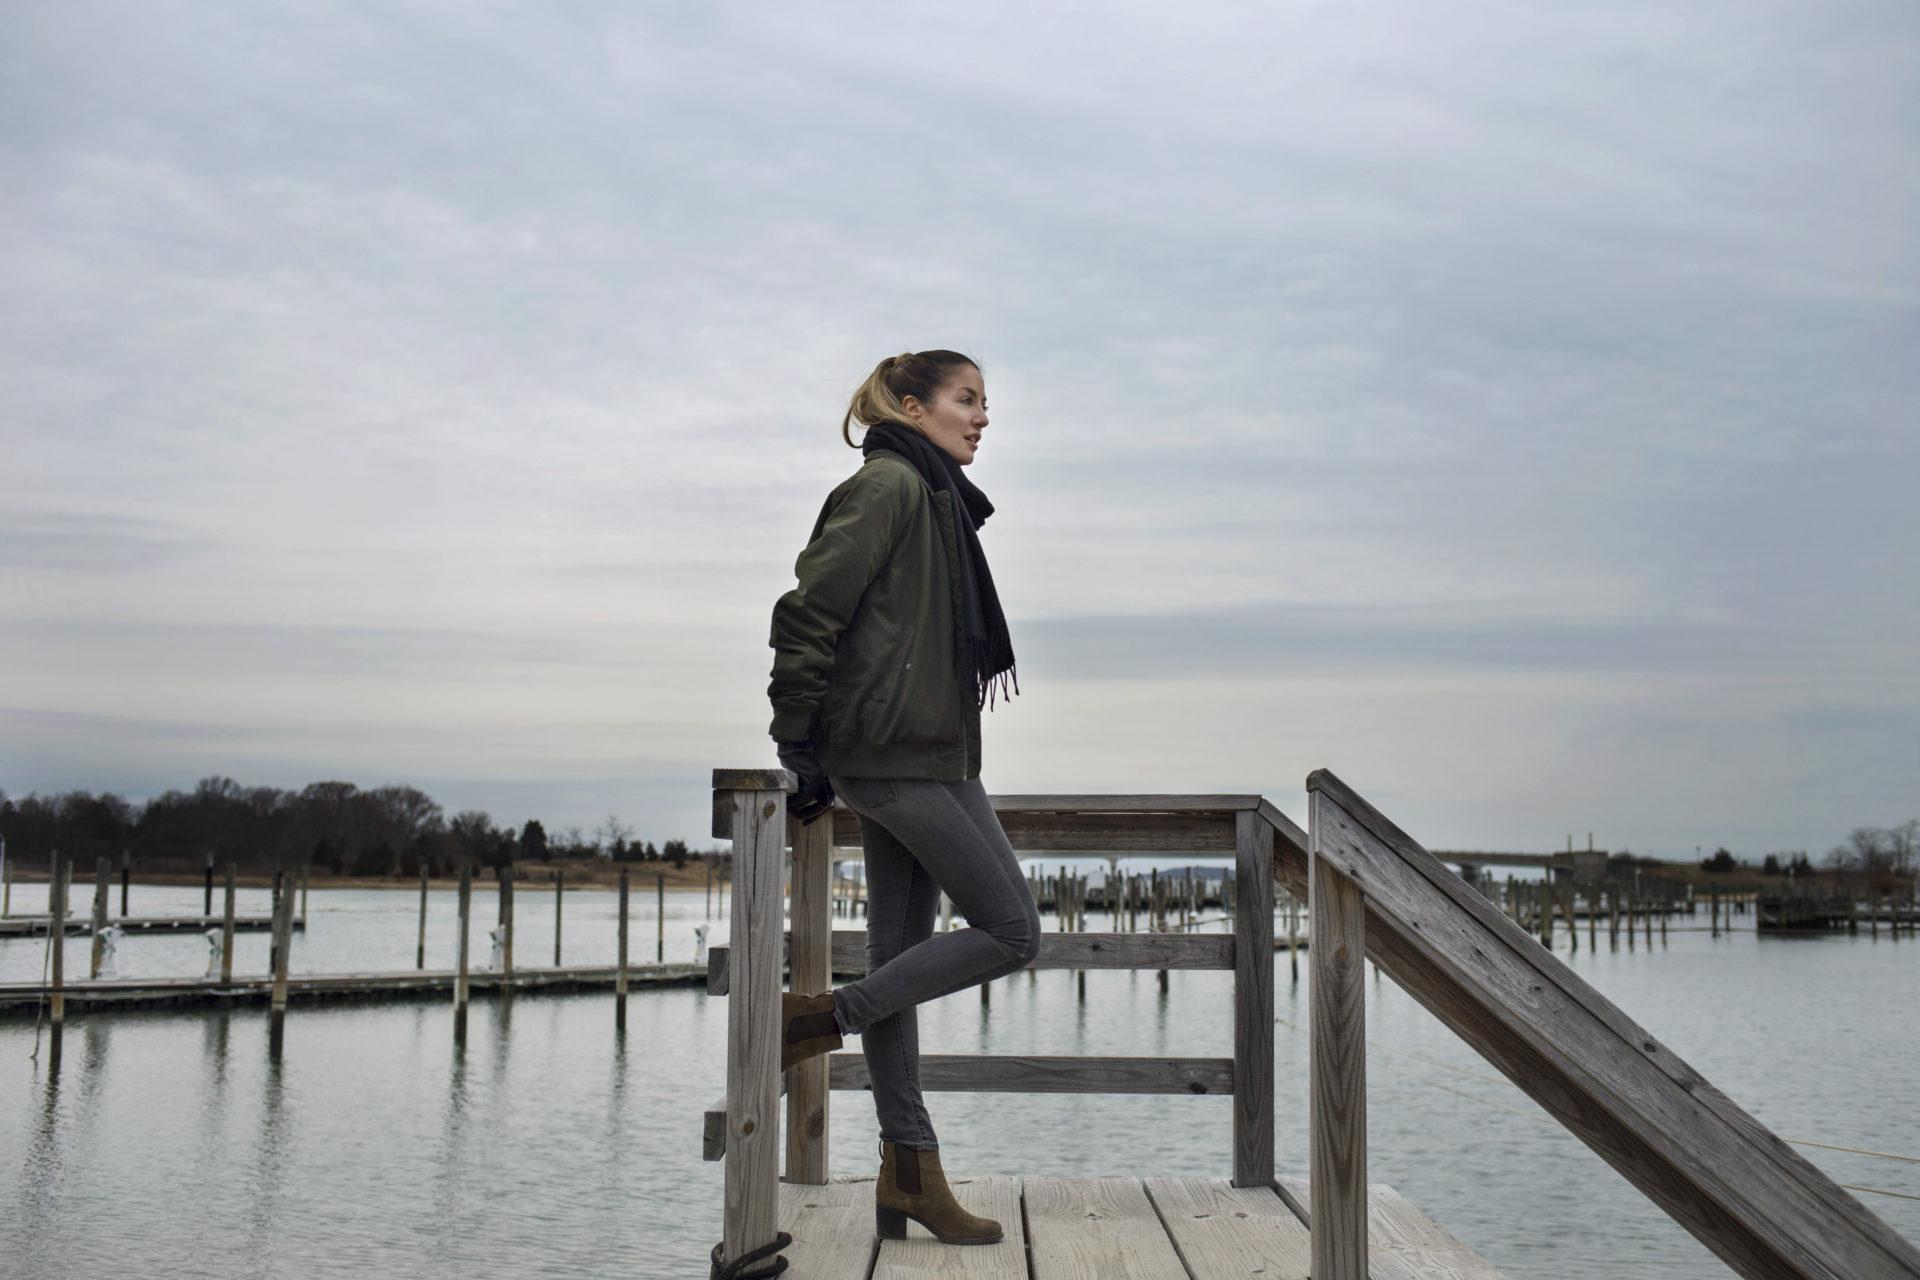 Winter in the Hamptons at Sag Harbor